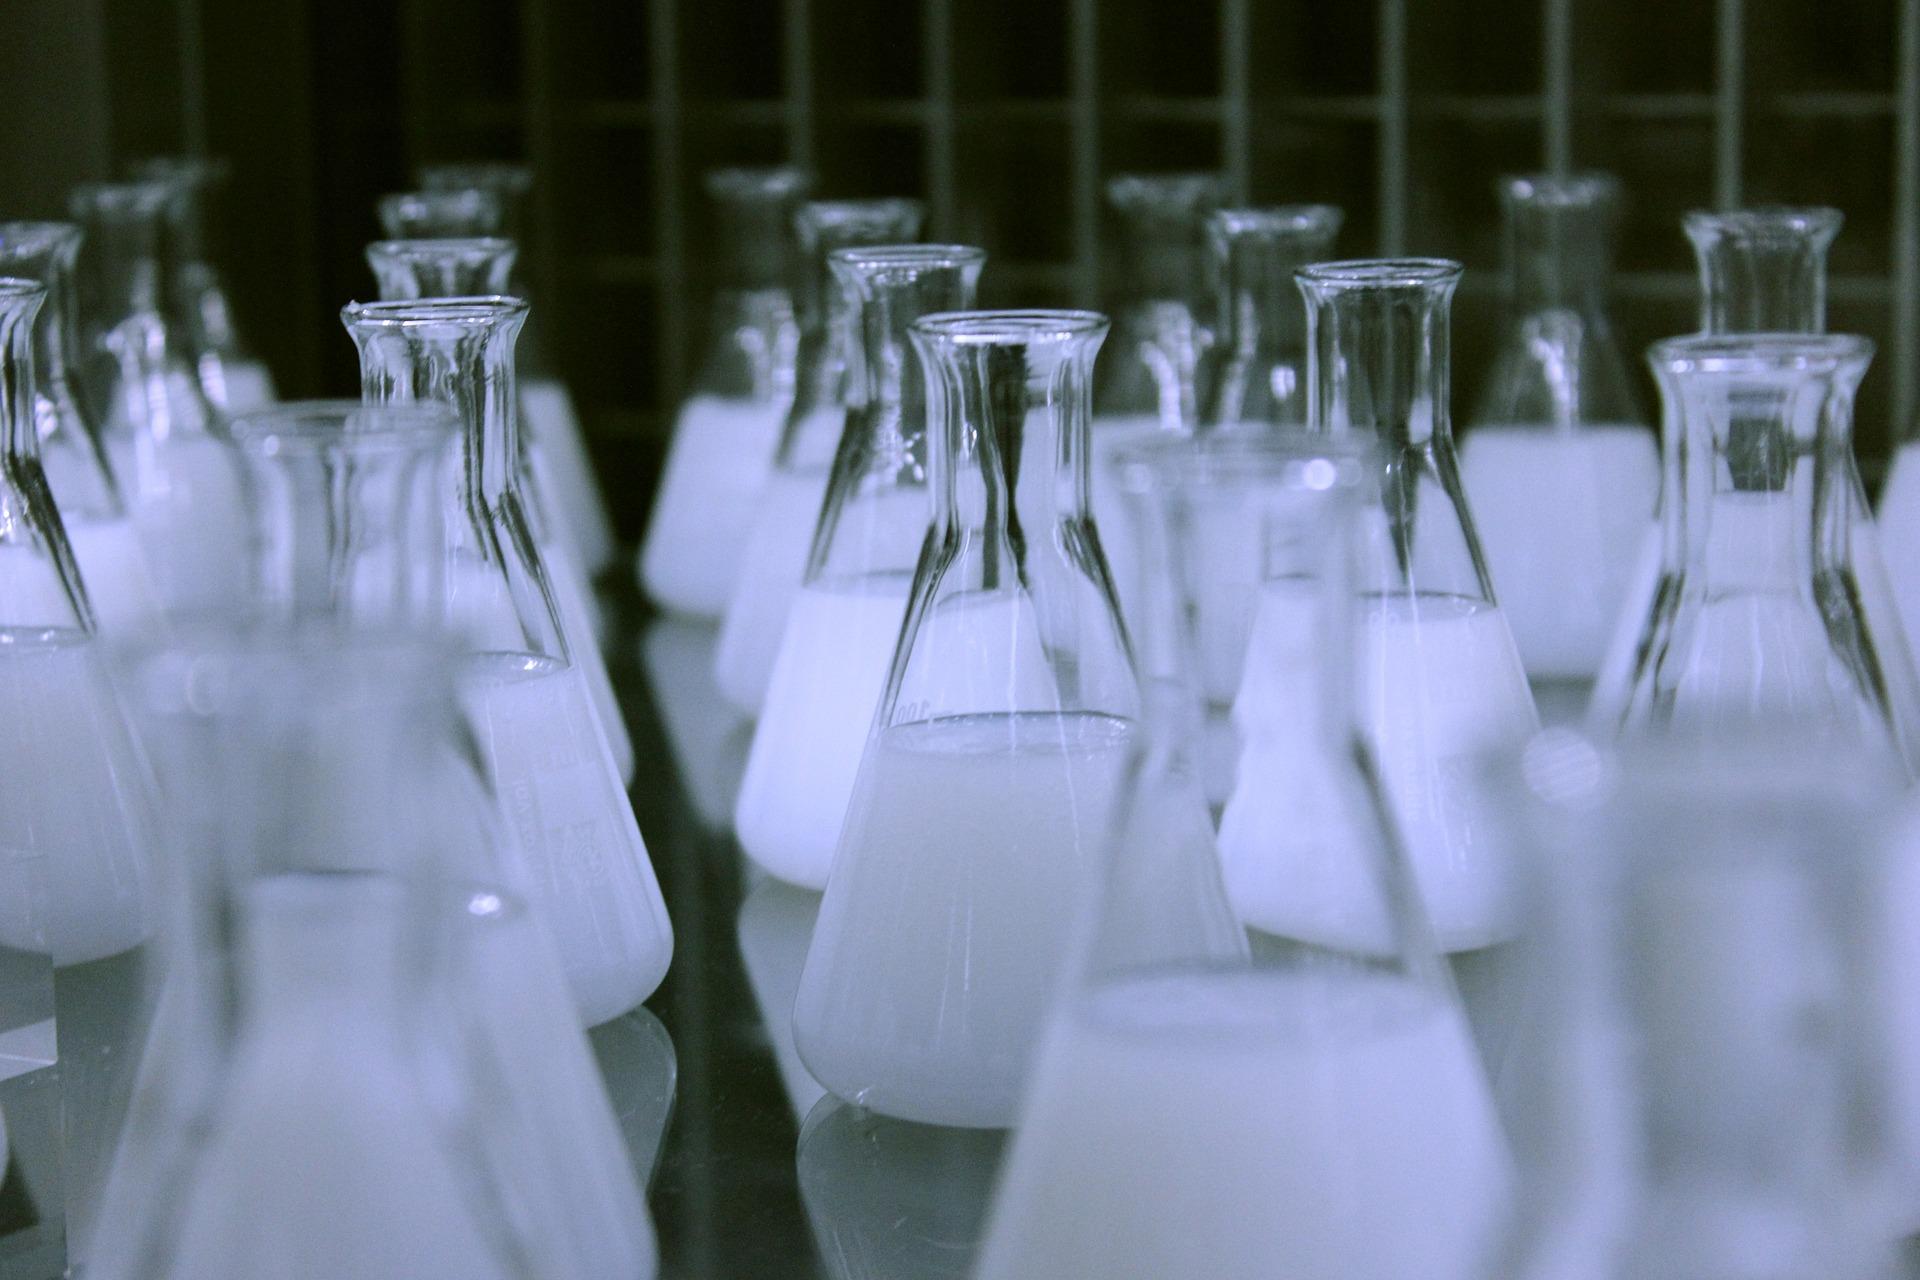 bicarbonatul de sodiu - sfatulparintilor.ro - pixabay_com - flasks-606612_1920